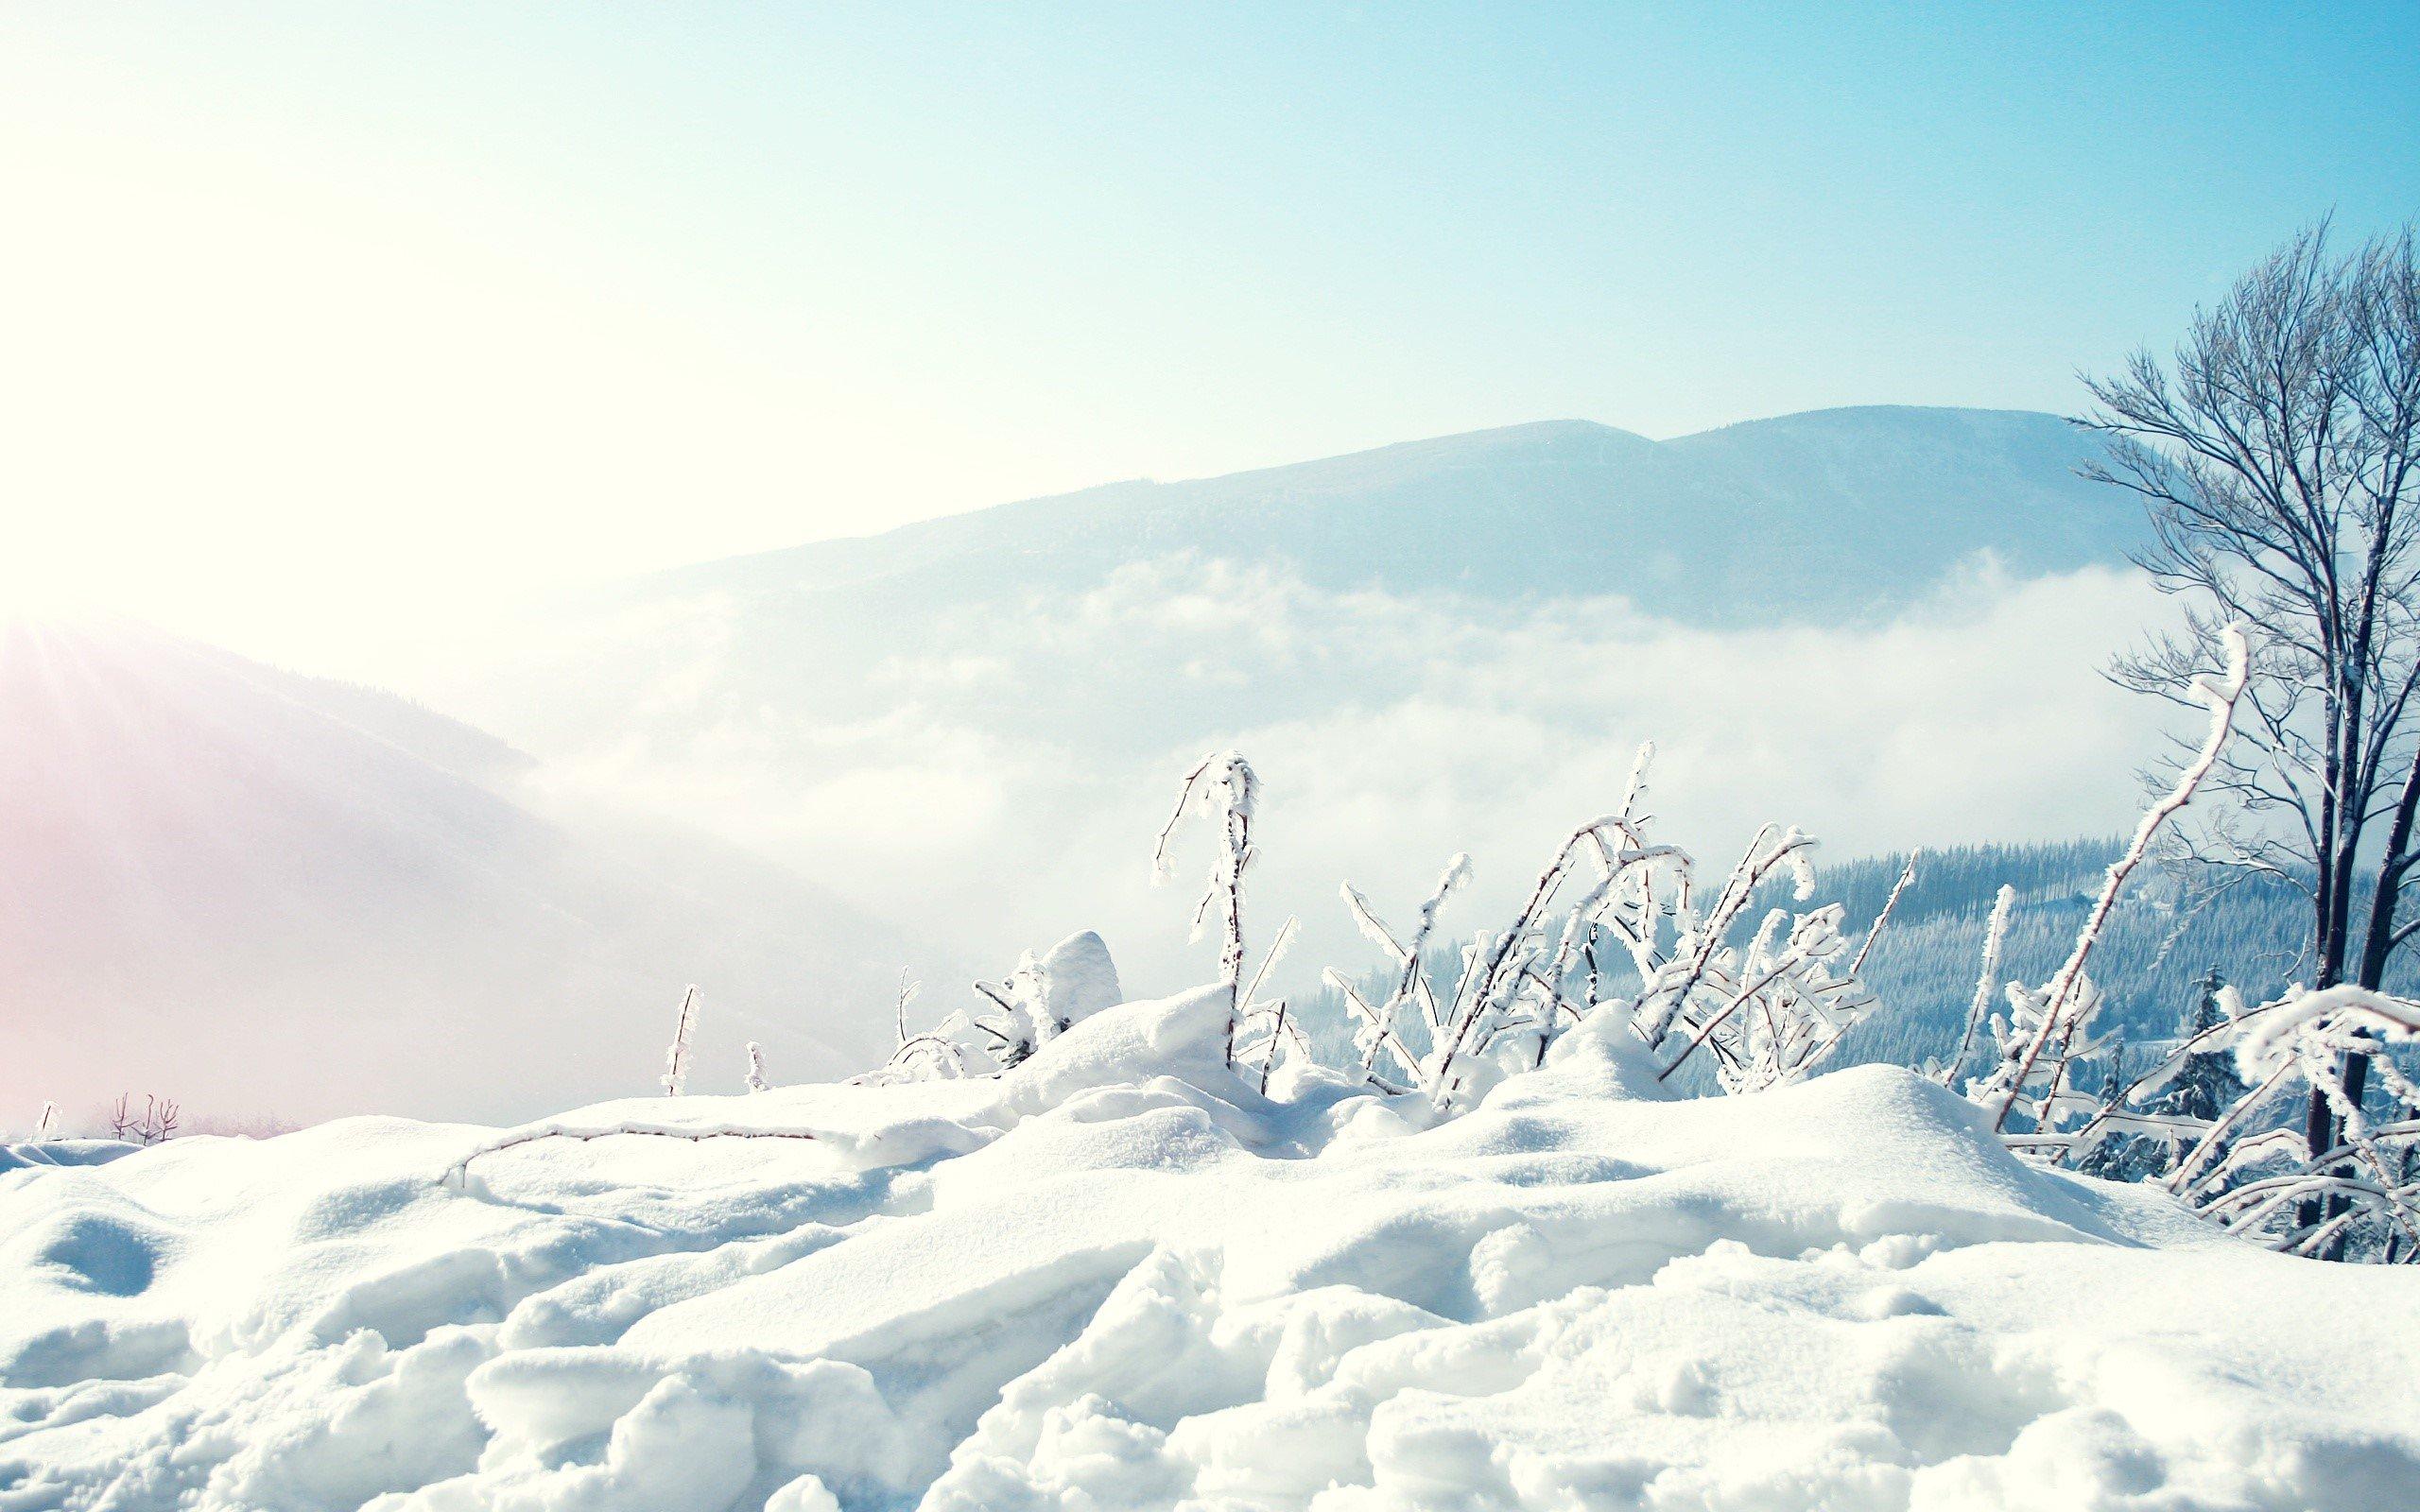 Wallpapers Montañas Nevadas: Montañas Con Nieve Fondos De Pantalla 2560x1600 #976